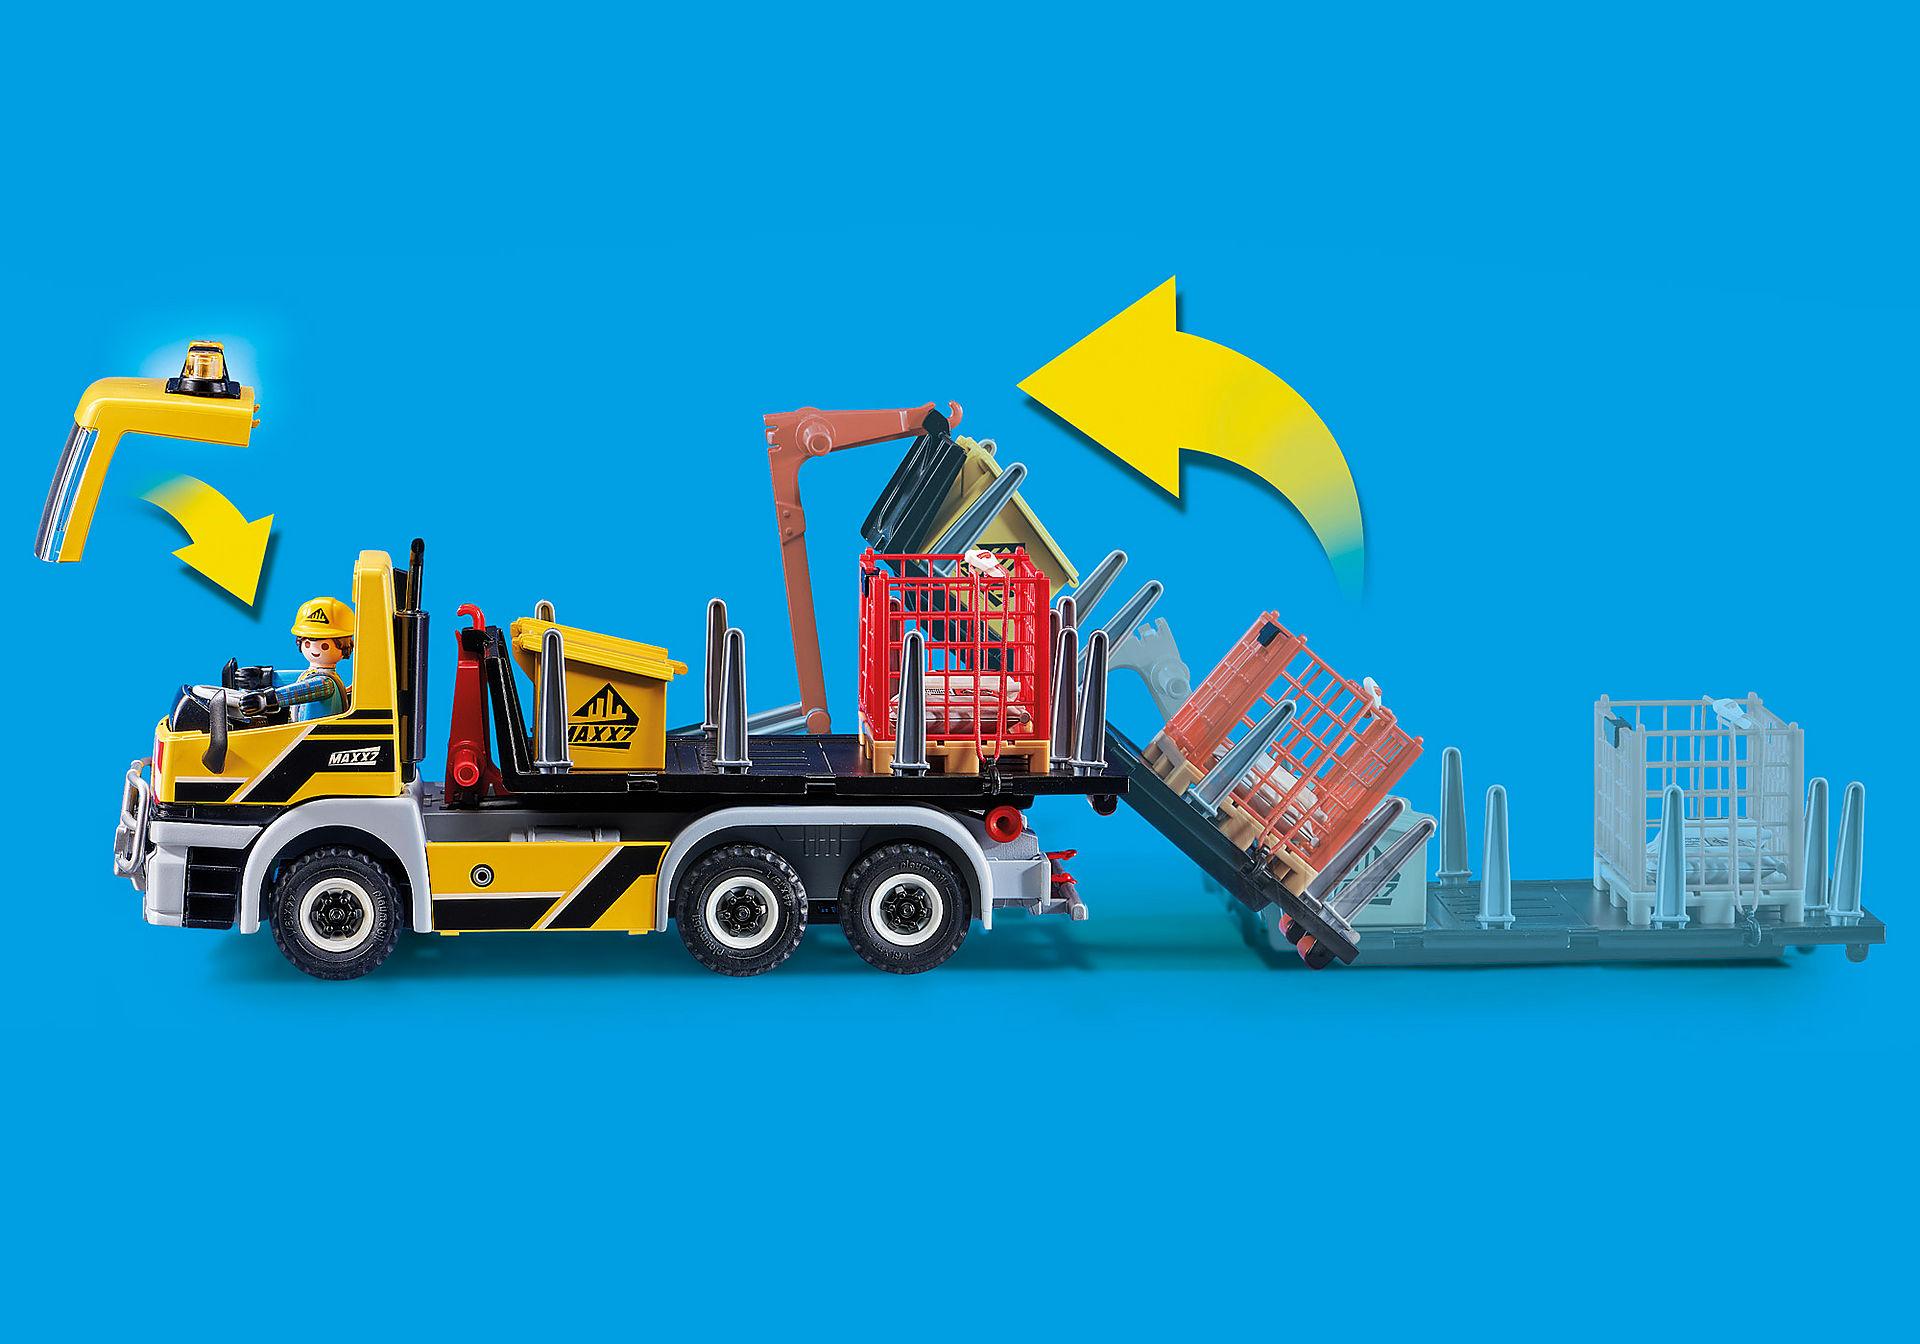 70444 Samochód ciężarowy z wymiennym nadwoziem zoom image7